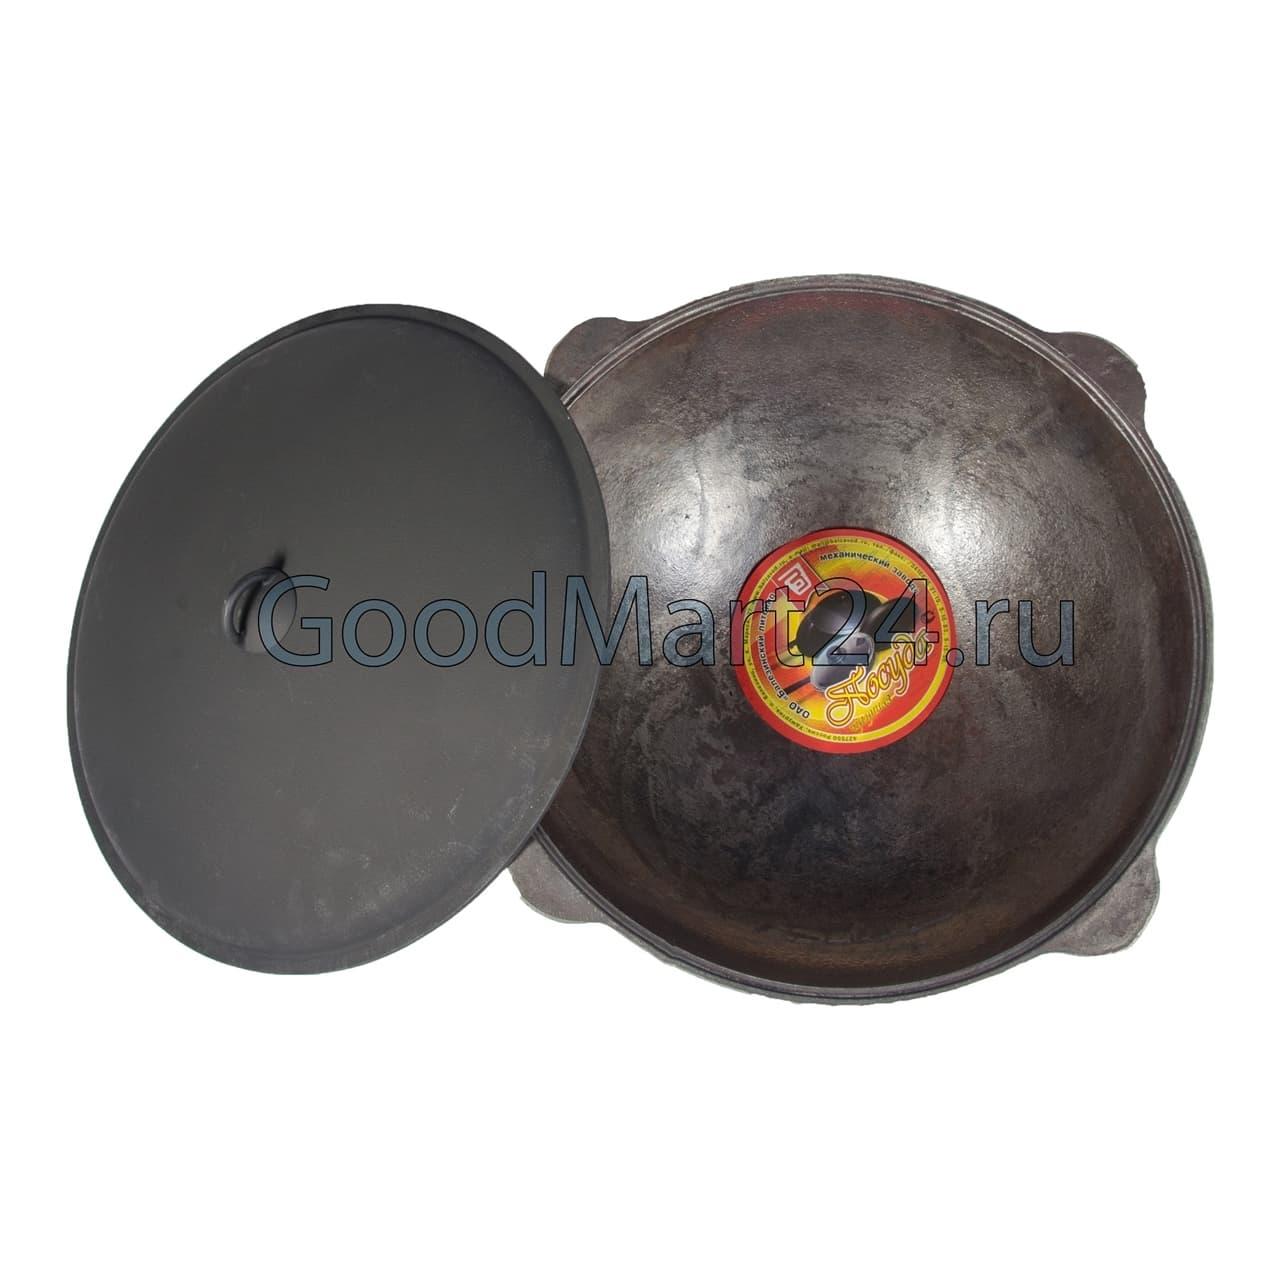 Комплект: Чугунный казан 10 л. Балезинский ЛМЗ + Печь с трубой D-360 мм, усиленная s- 3 мм. - фото 5543